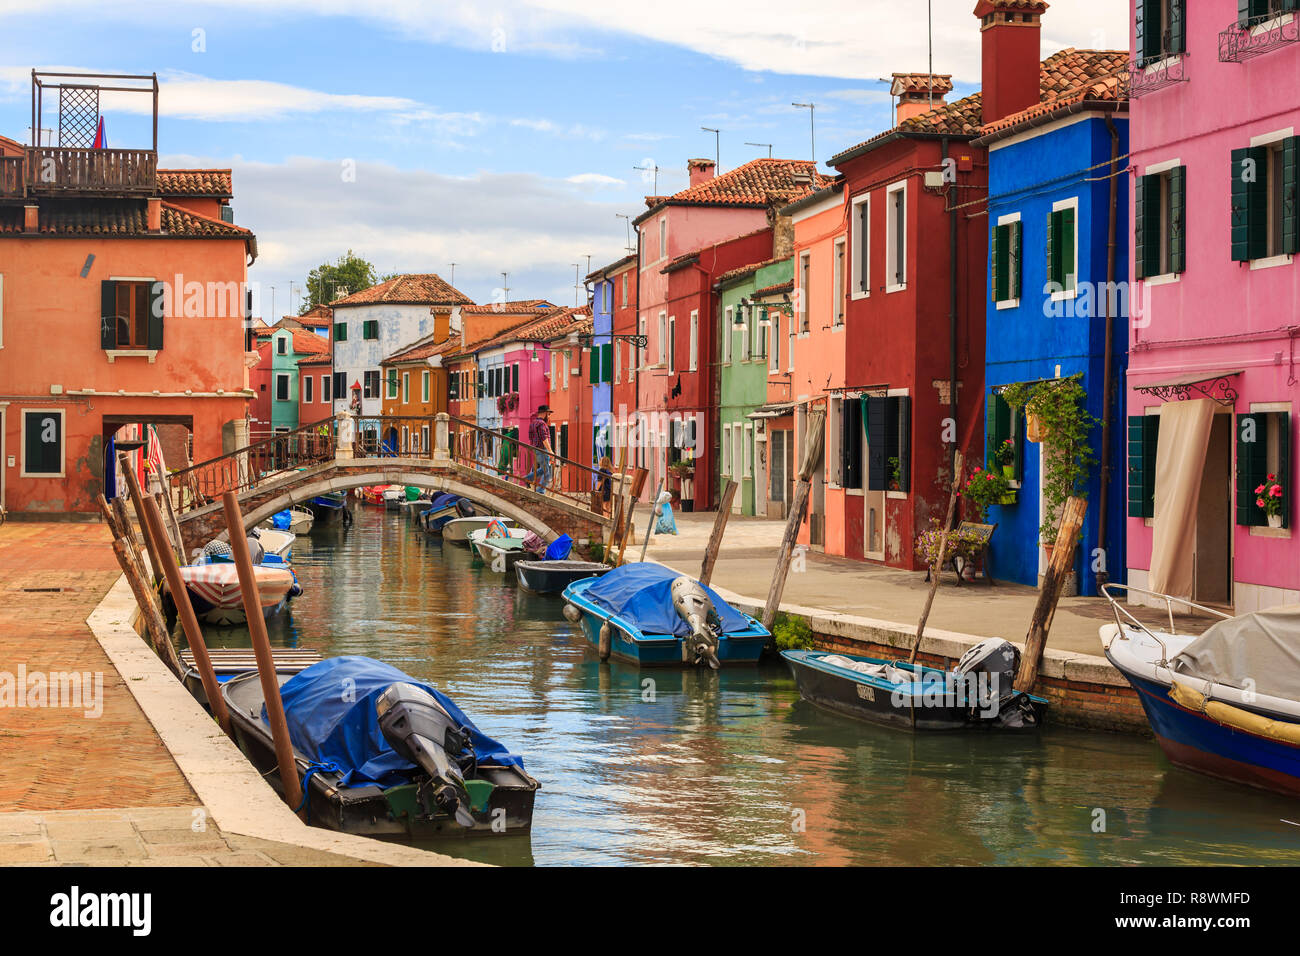 Burano, Venice, Italy - Stock Image